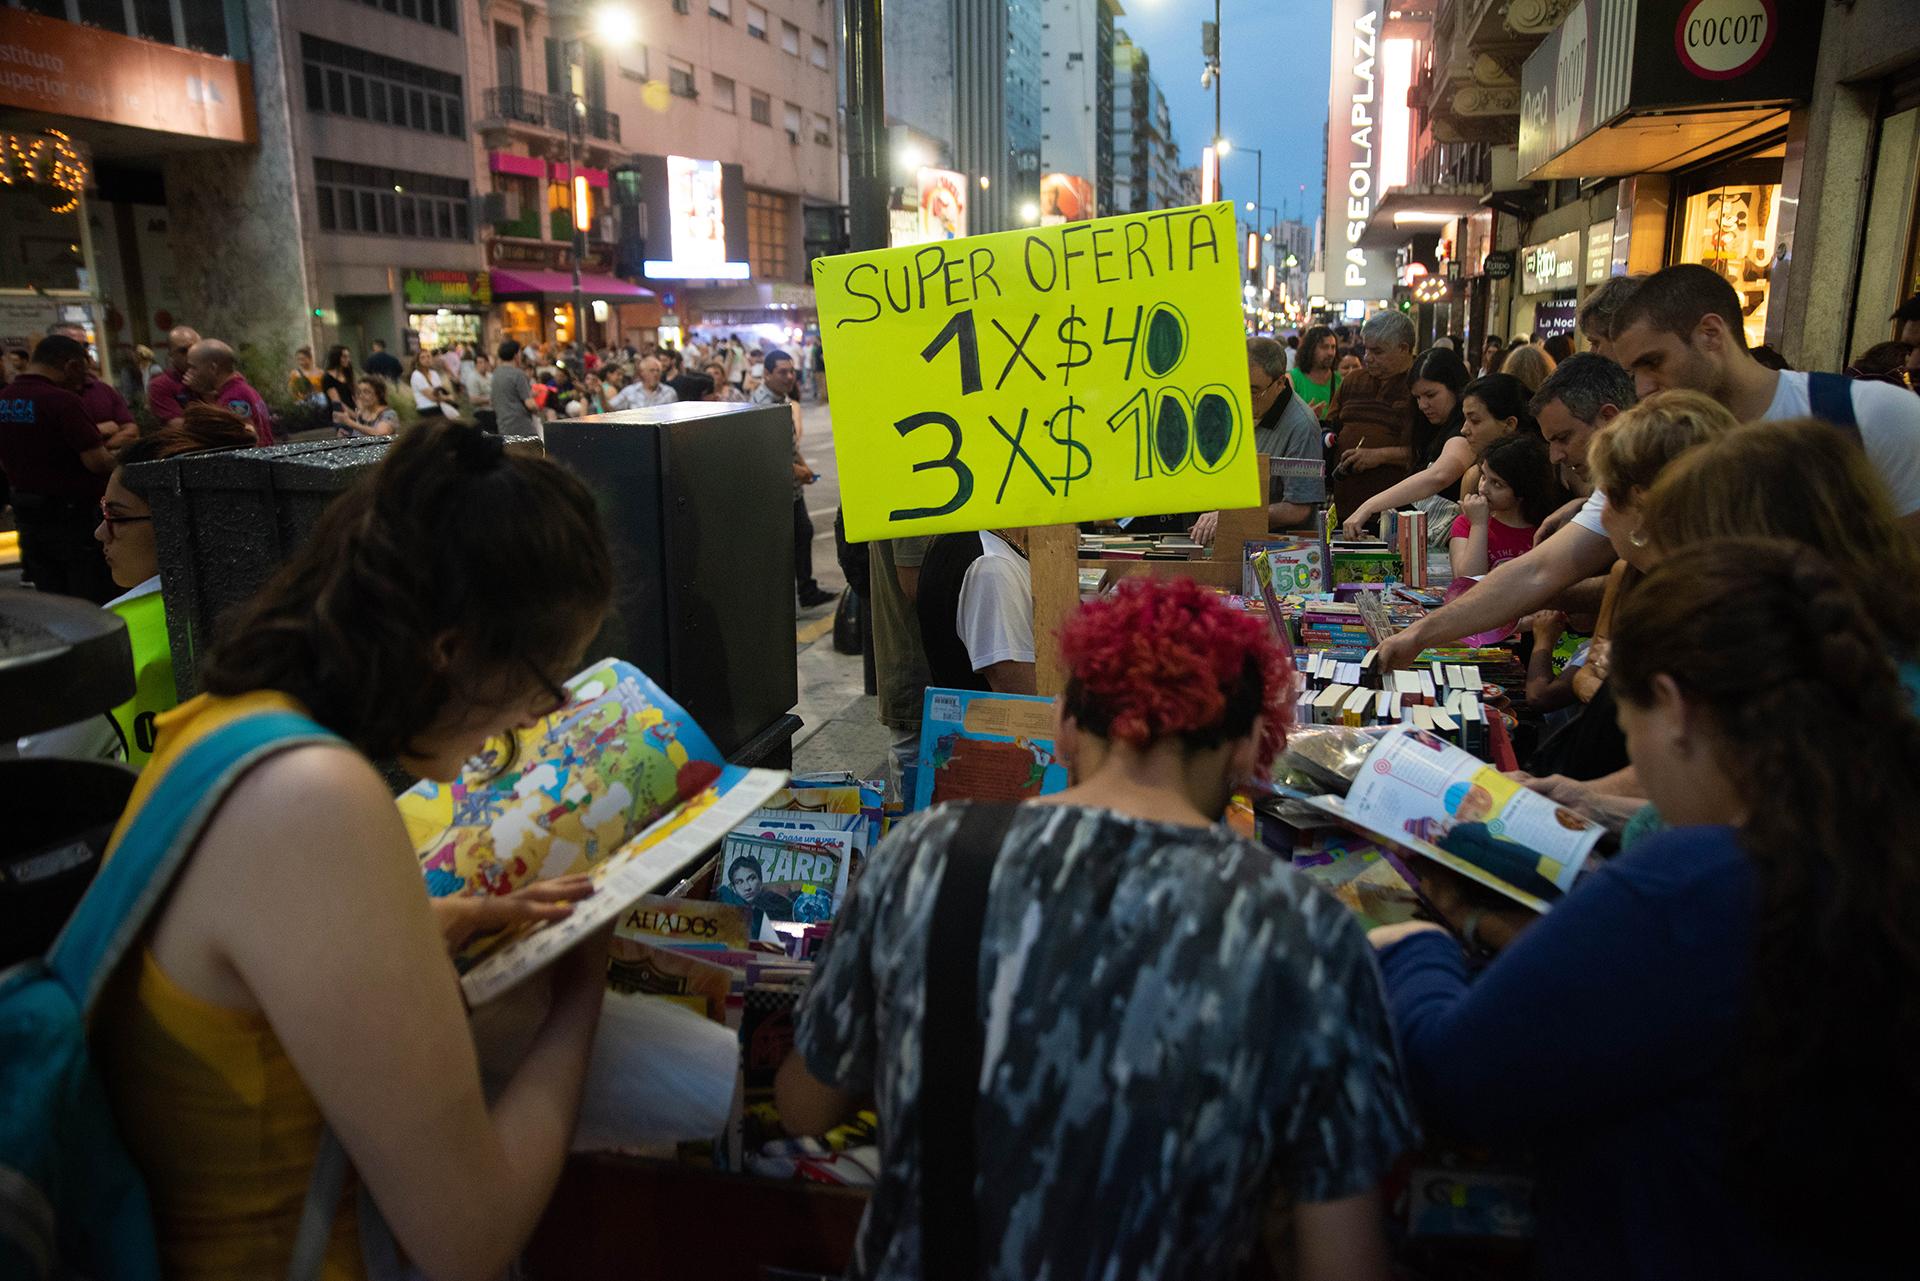 Uno de los locales a la calle que ofrecía libros con descuentos.